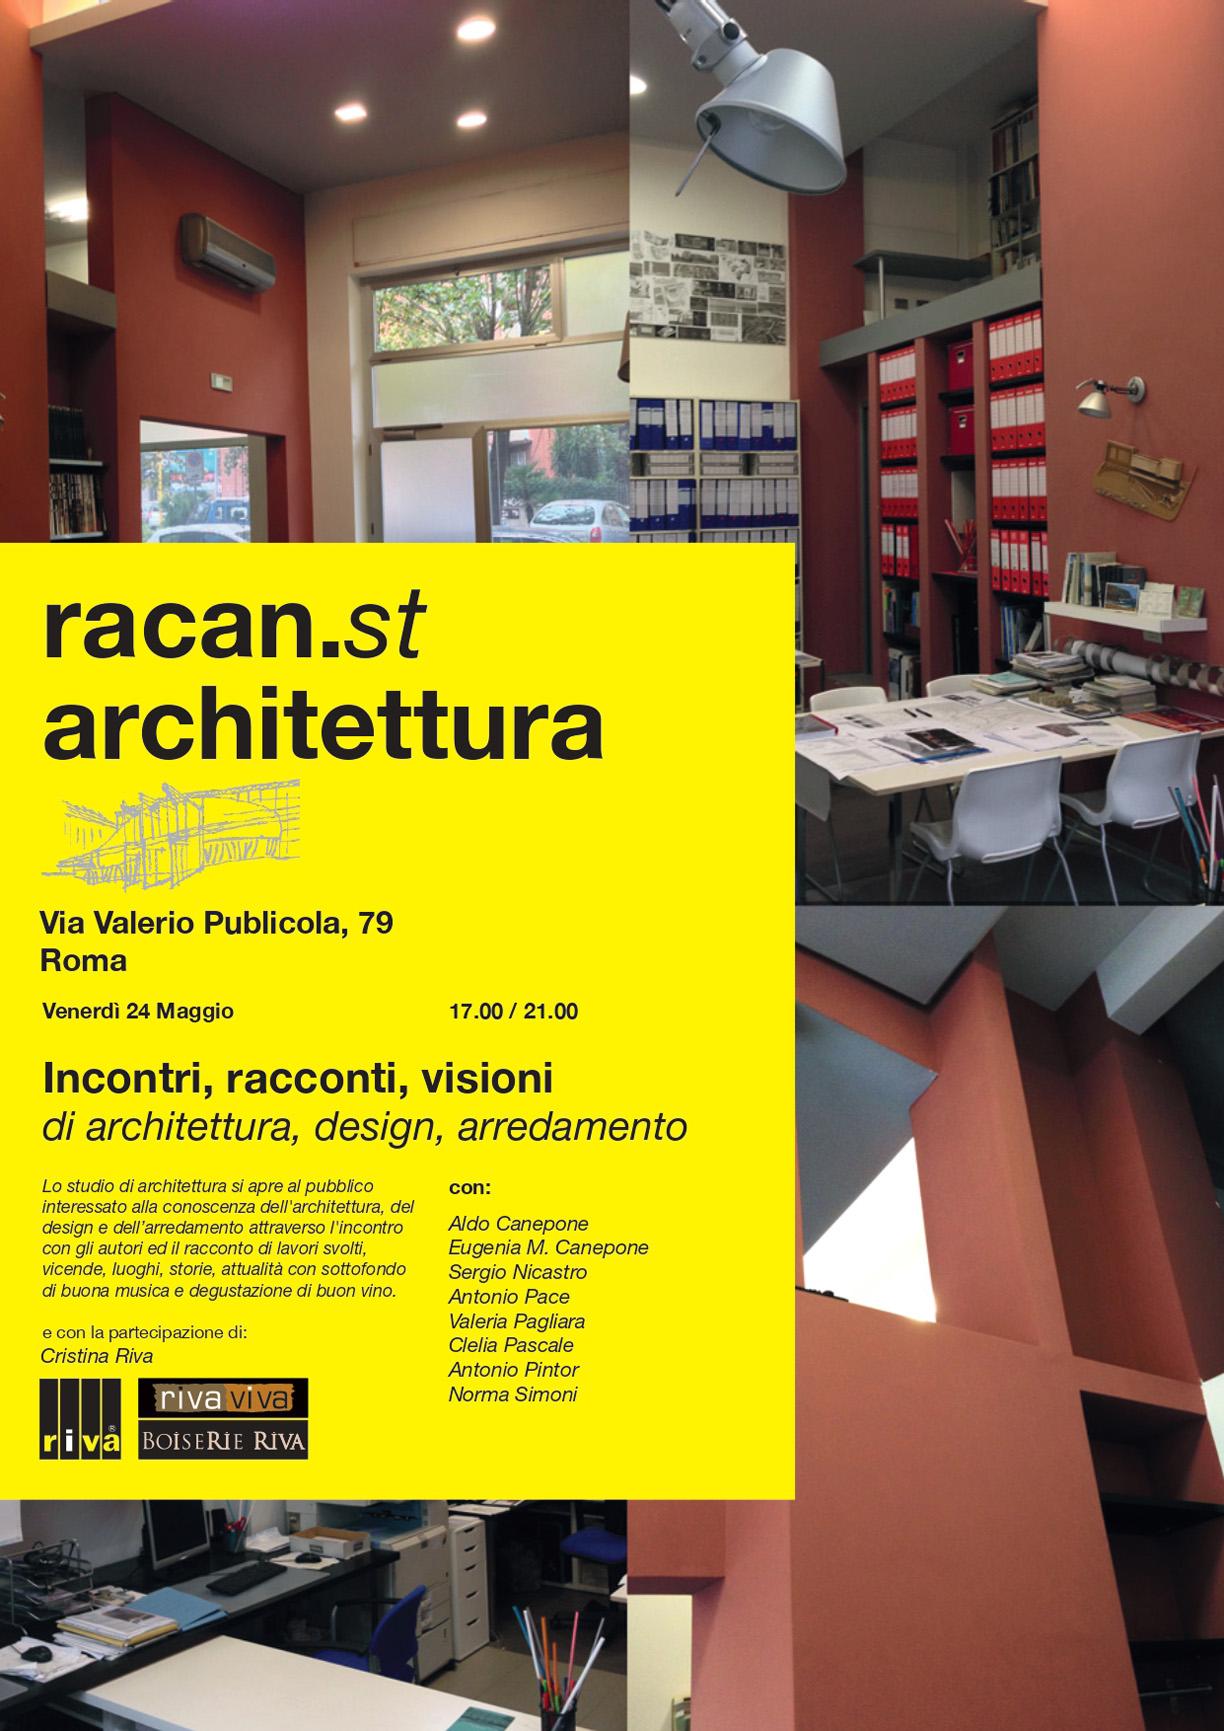 Locandina dell'evento Studi Aperti 2019 con immagini dello studio racan.st architettura